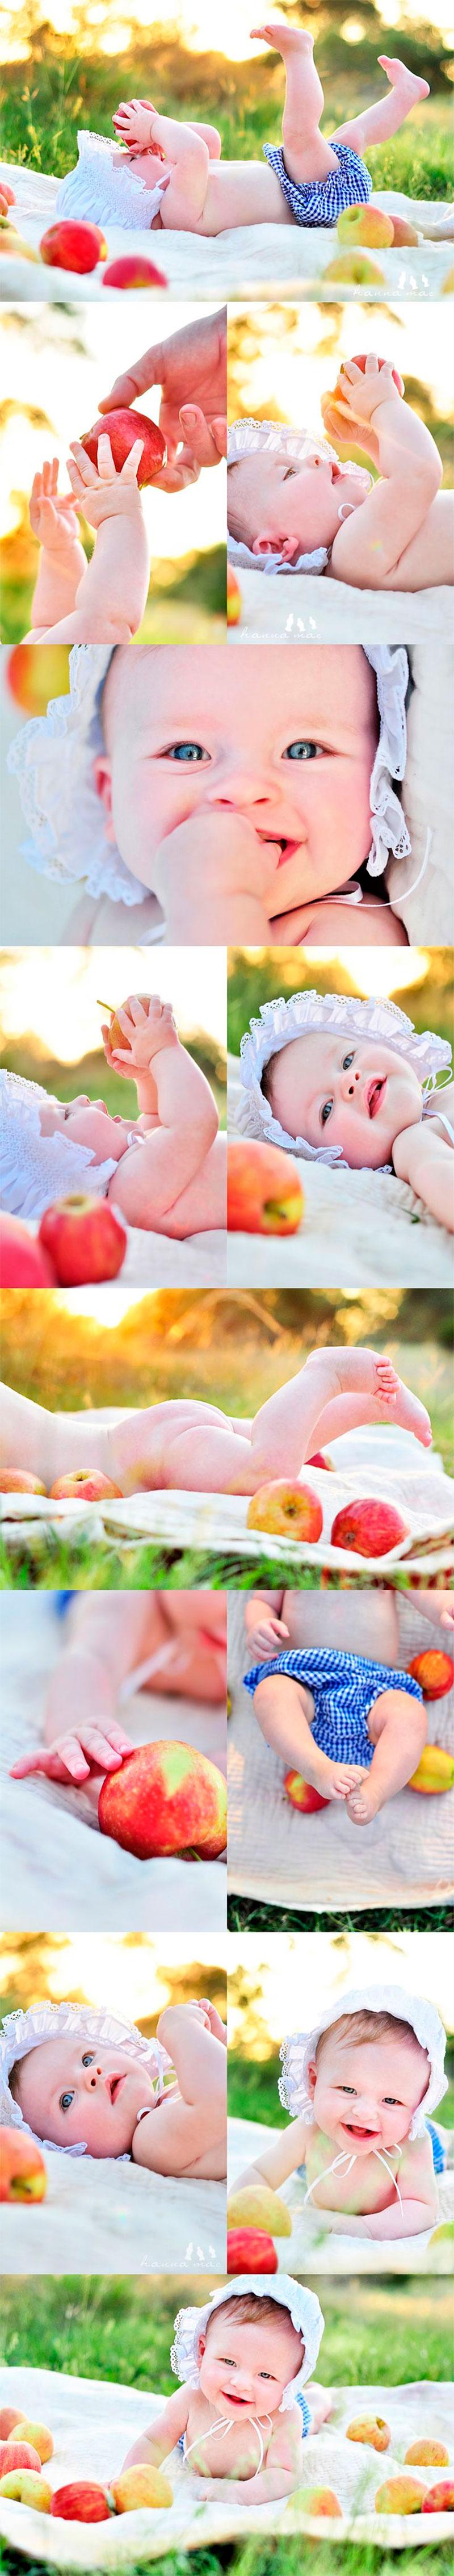 Ideias de como tirar foto de bebê-11